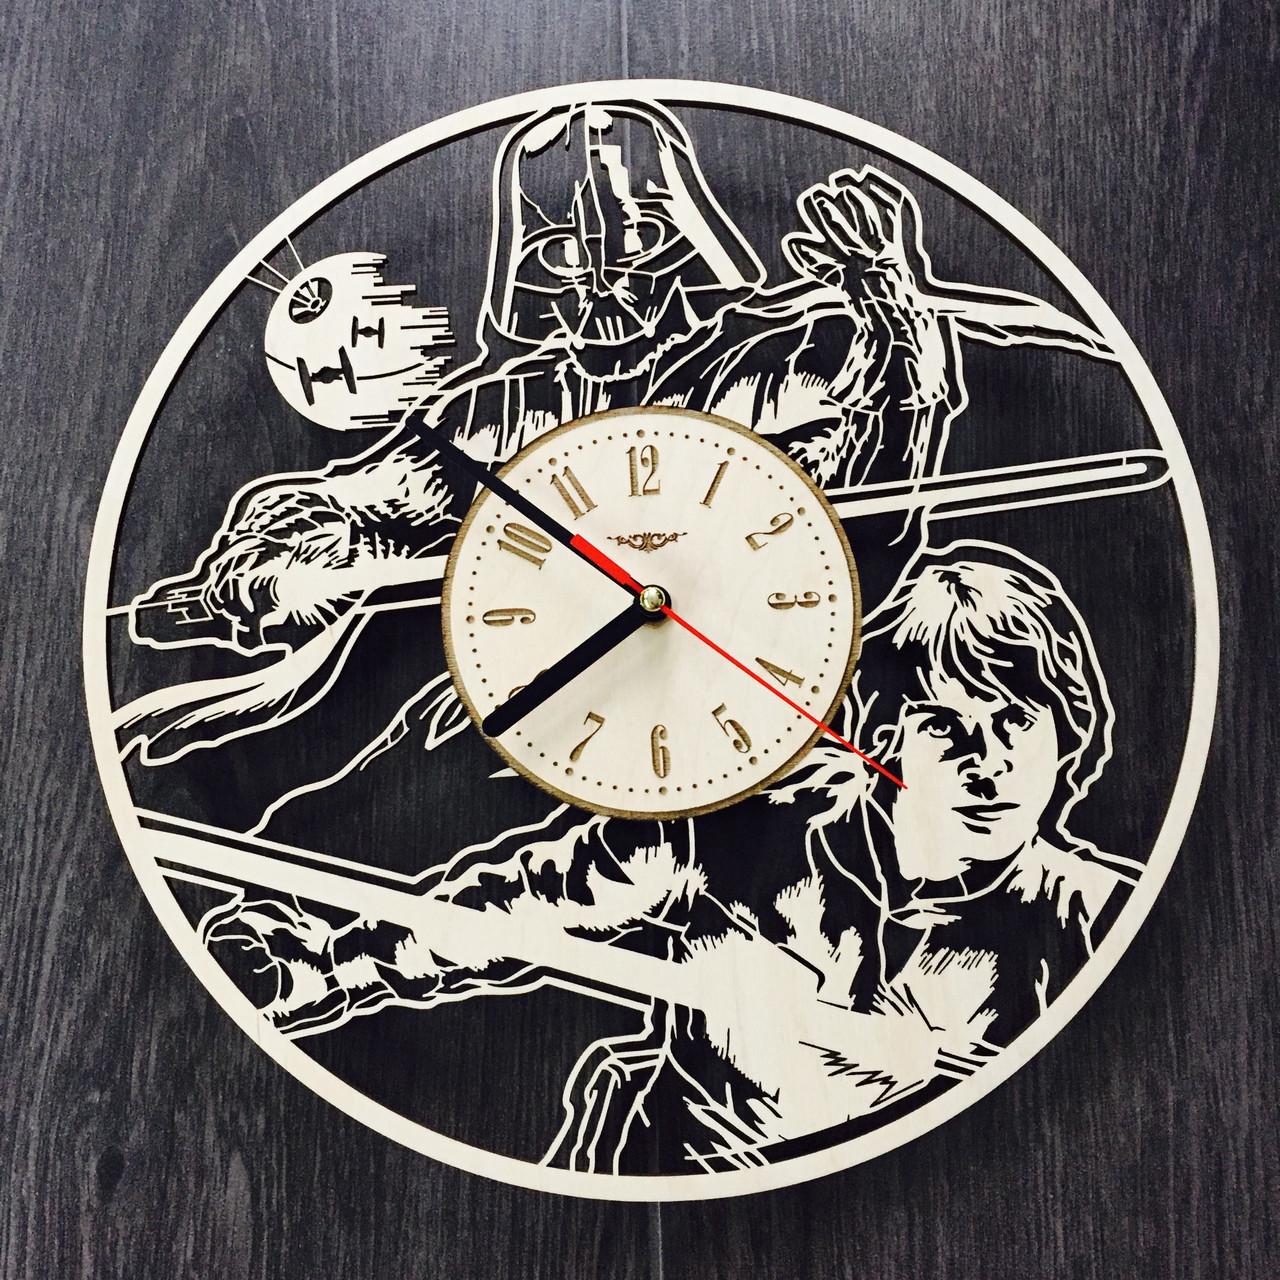 Концептуальные настенные деревянные часы  7Arts Звездные Войны CL-0124